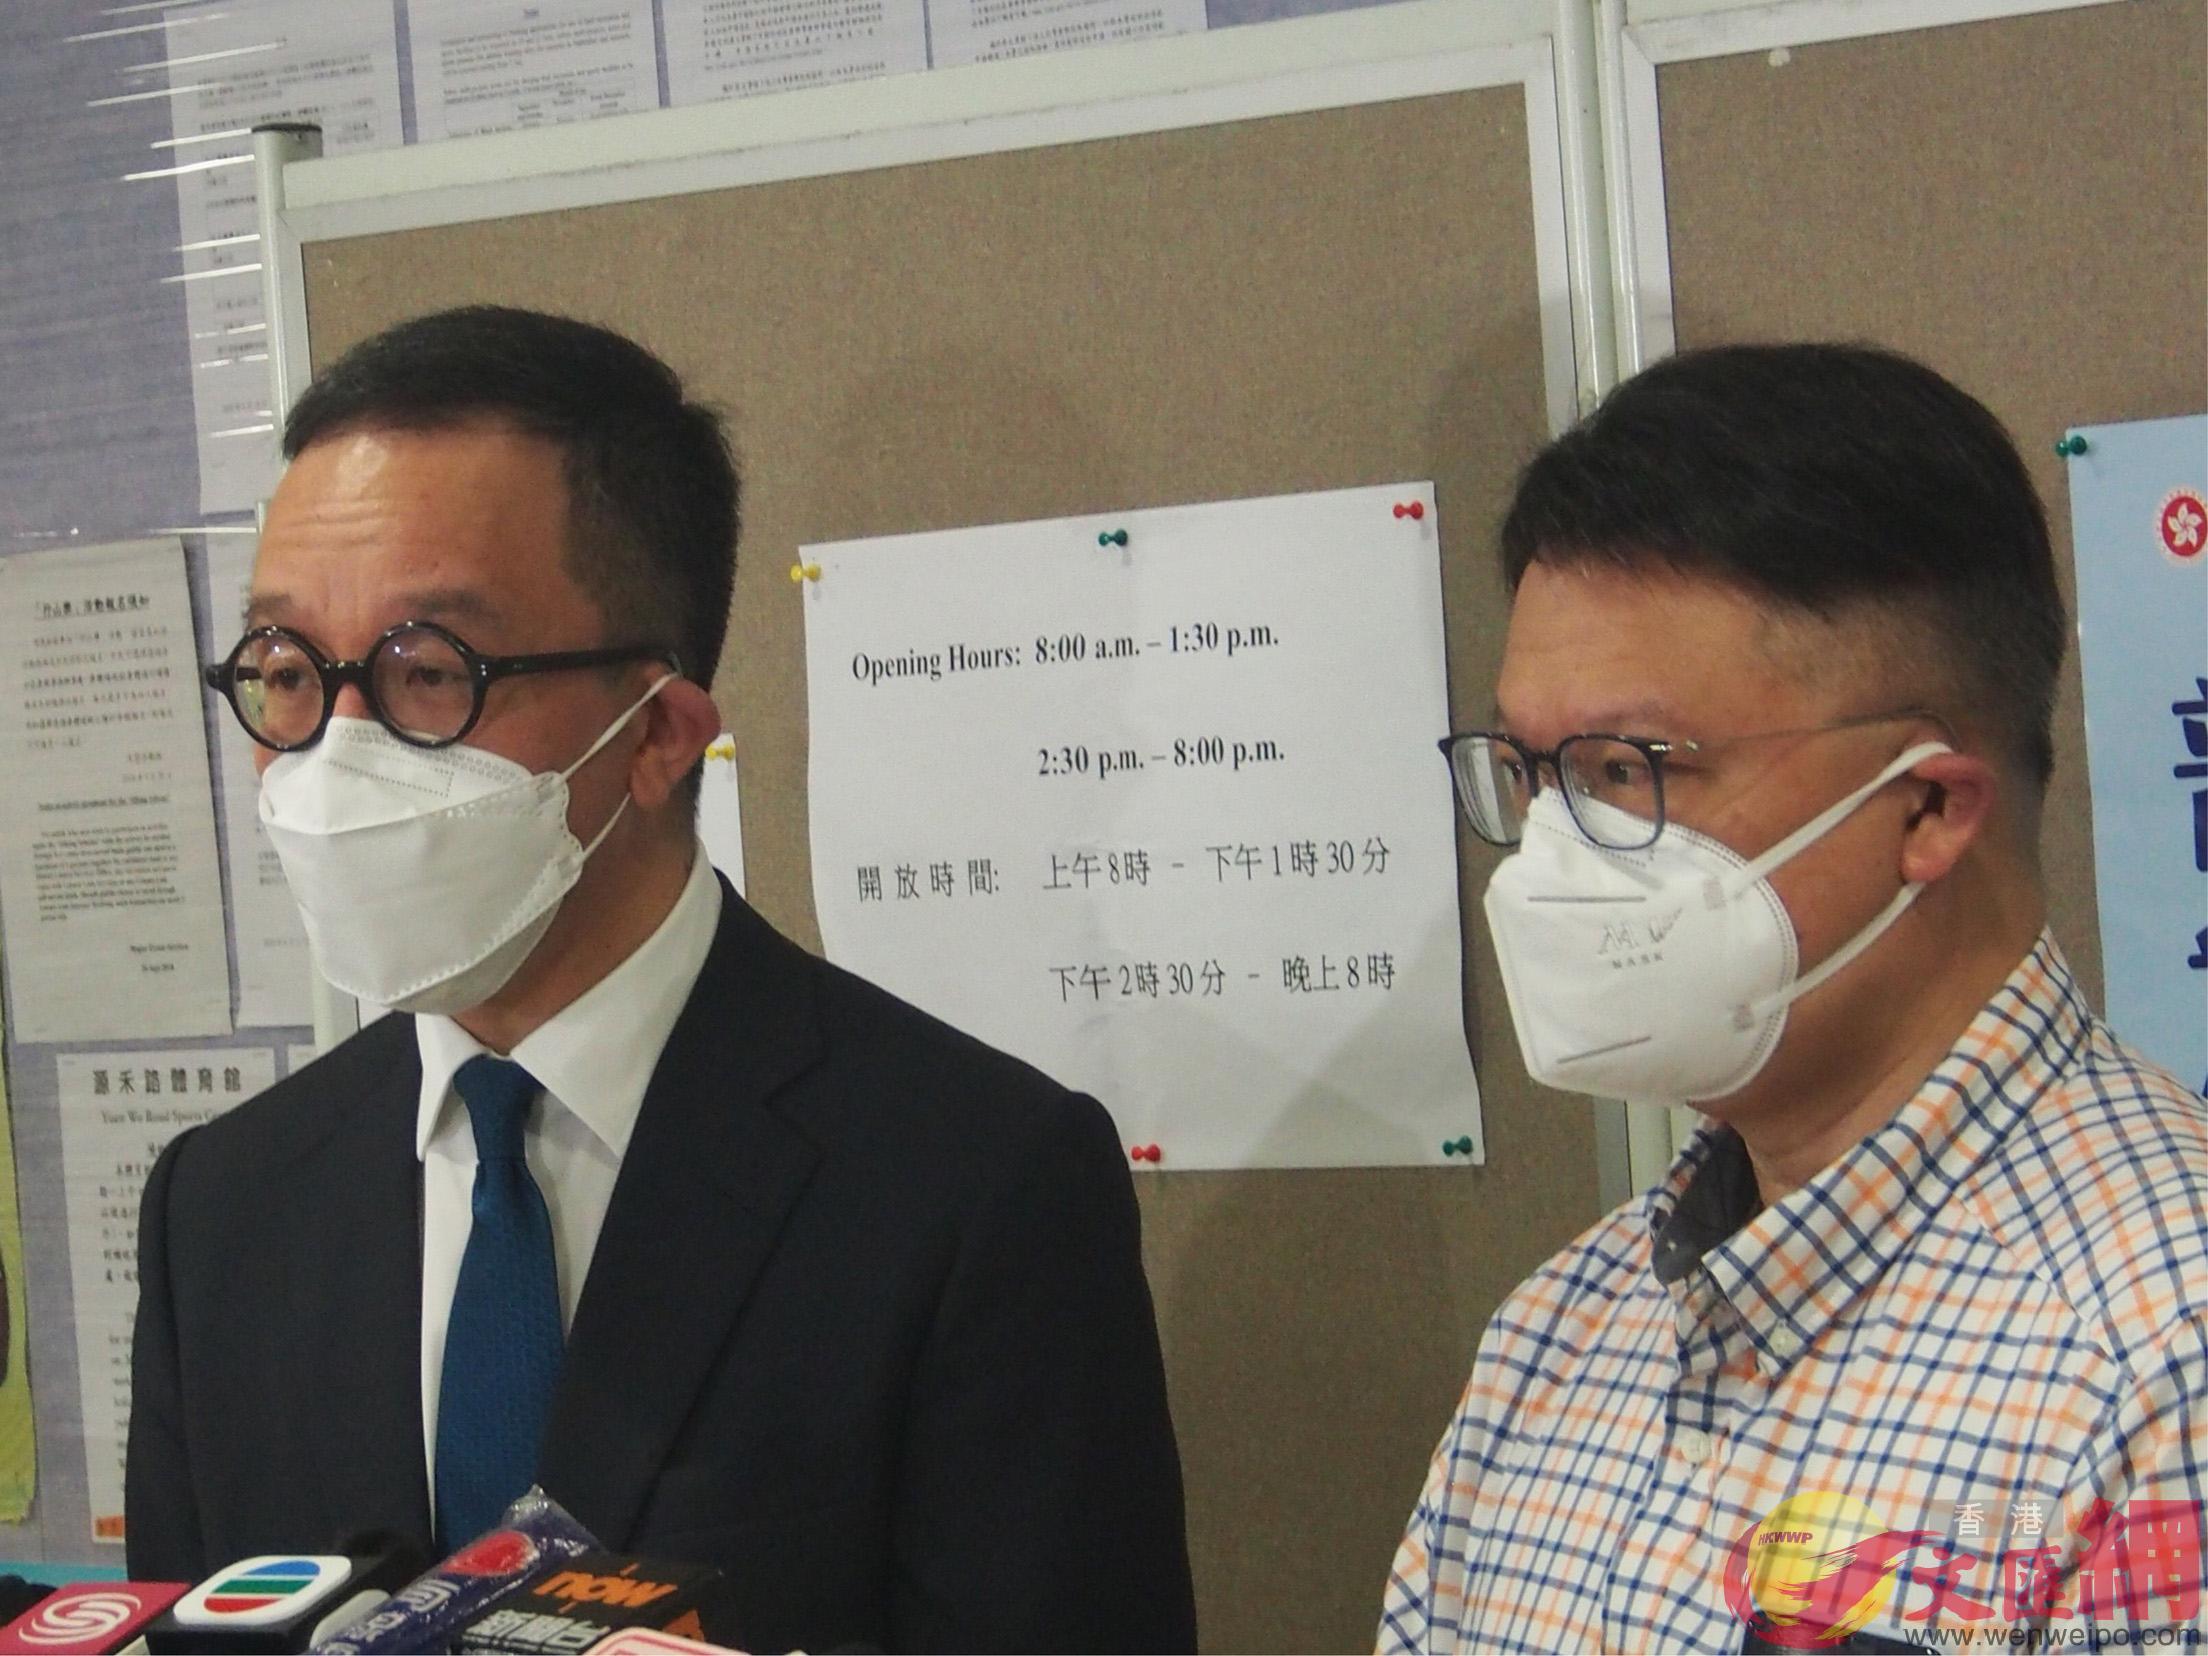 許樹昌(右)及梁卓偉(左)今早到沙田源禾路體育館檢測中心參加普檢